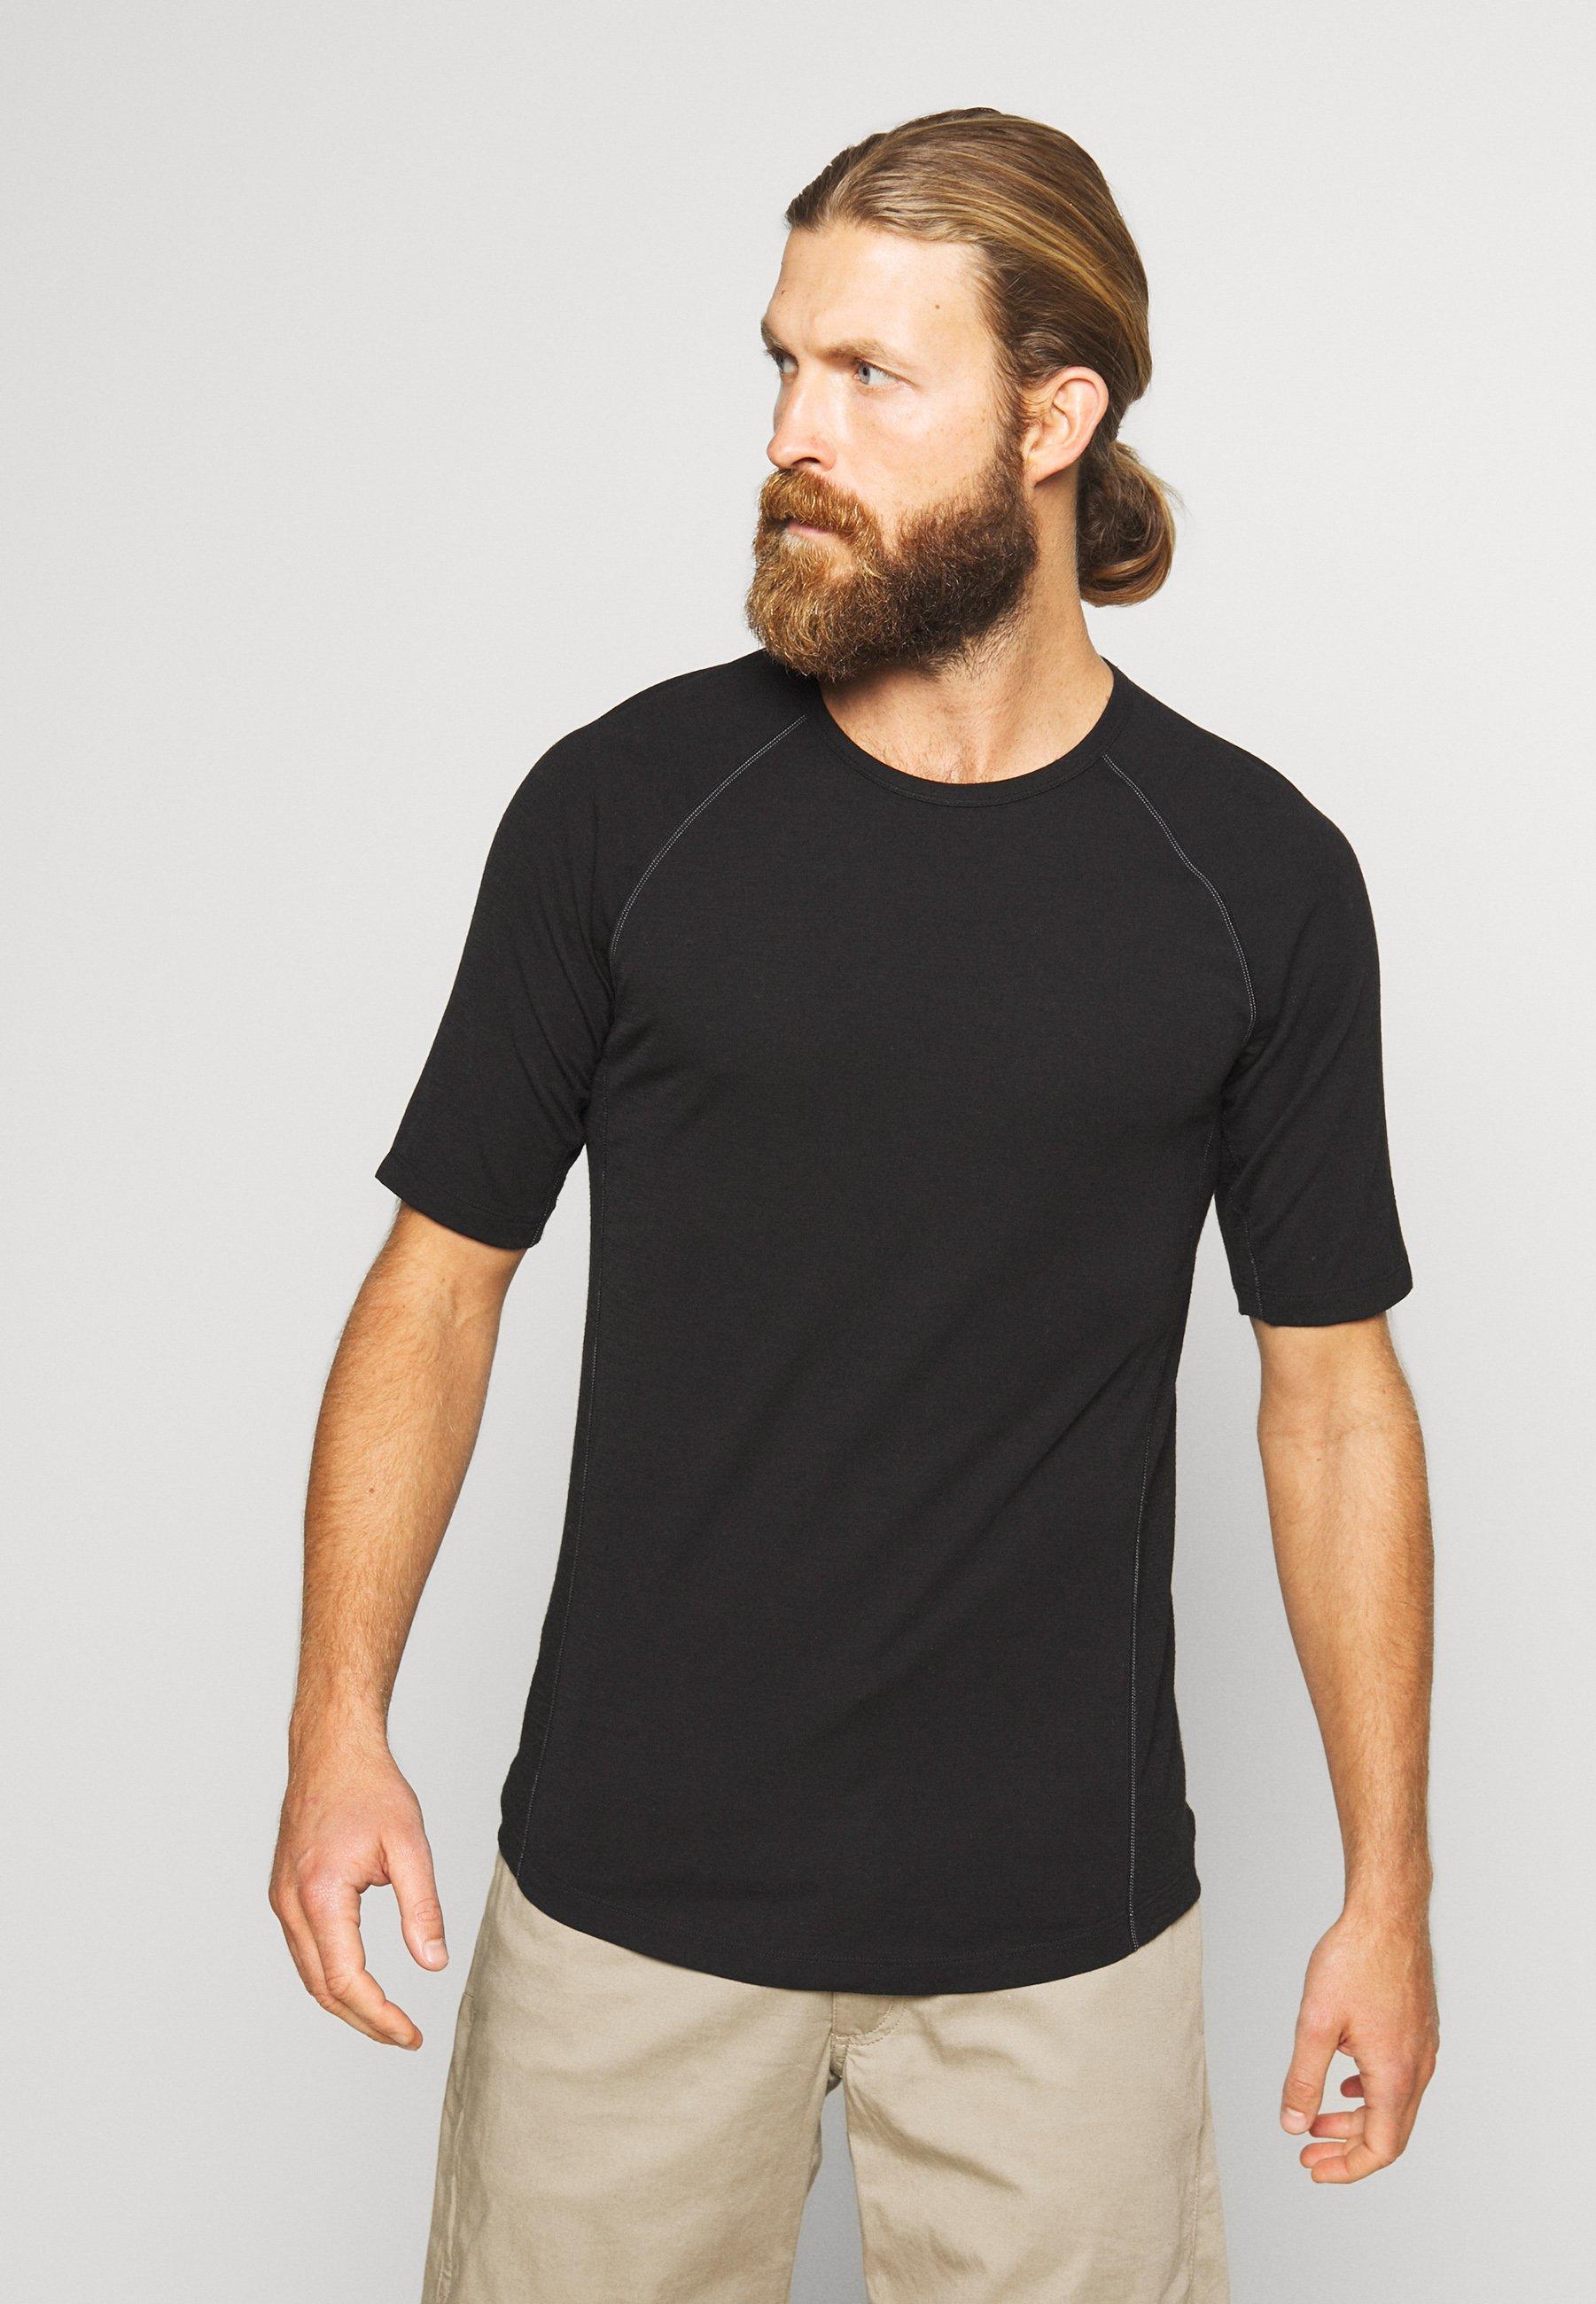 Men ZONE CREWE - Undershirt